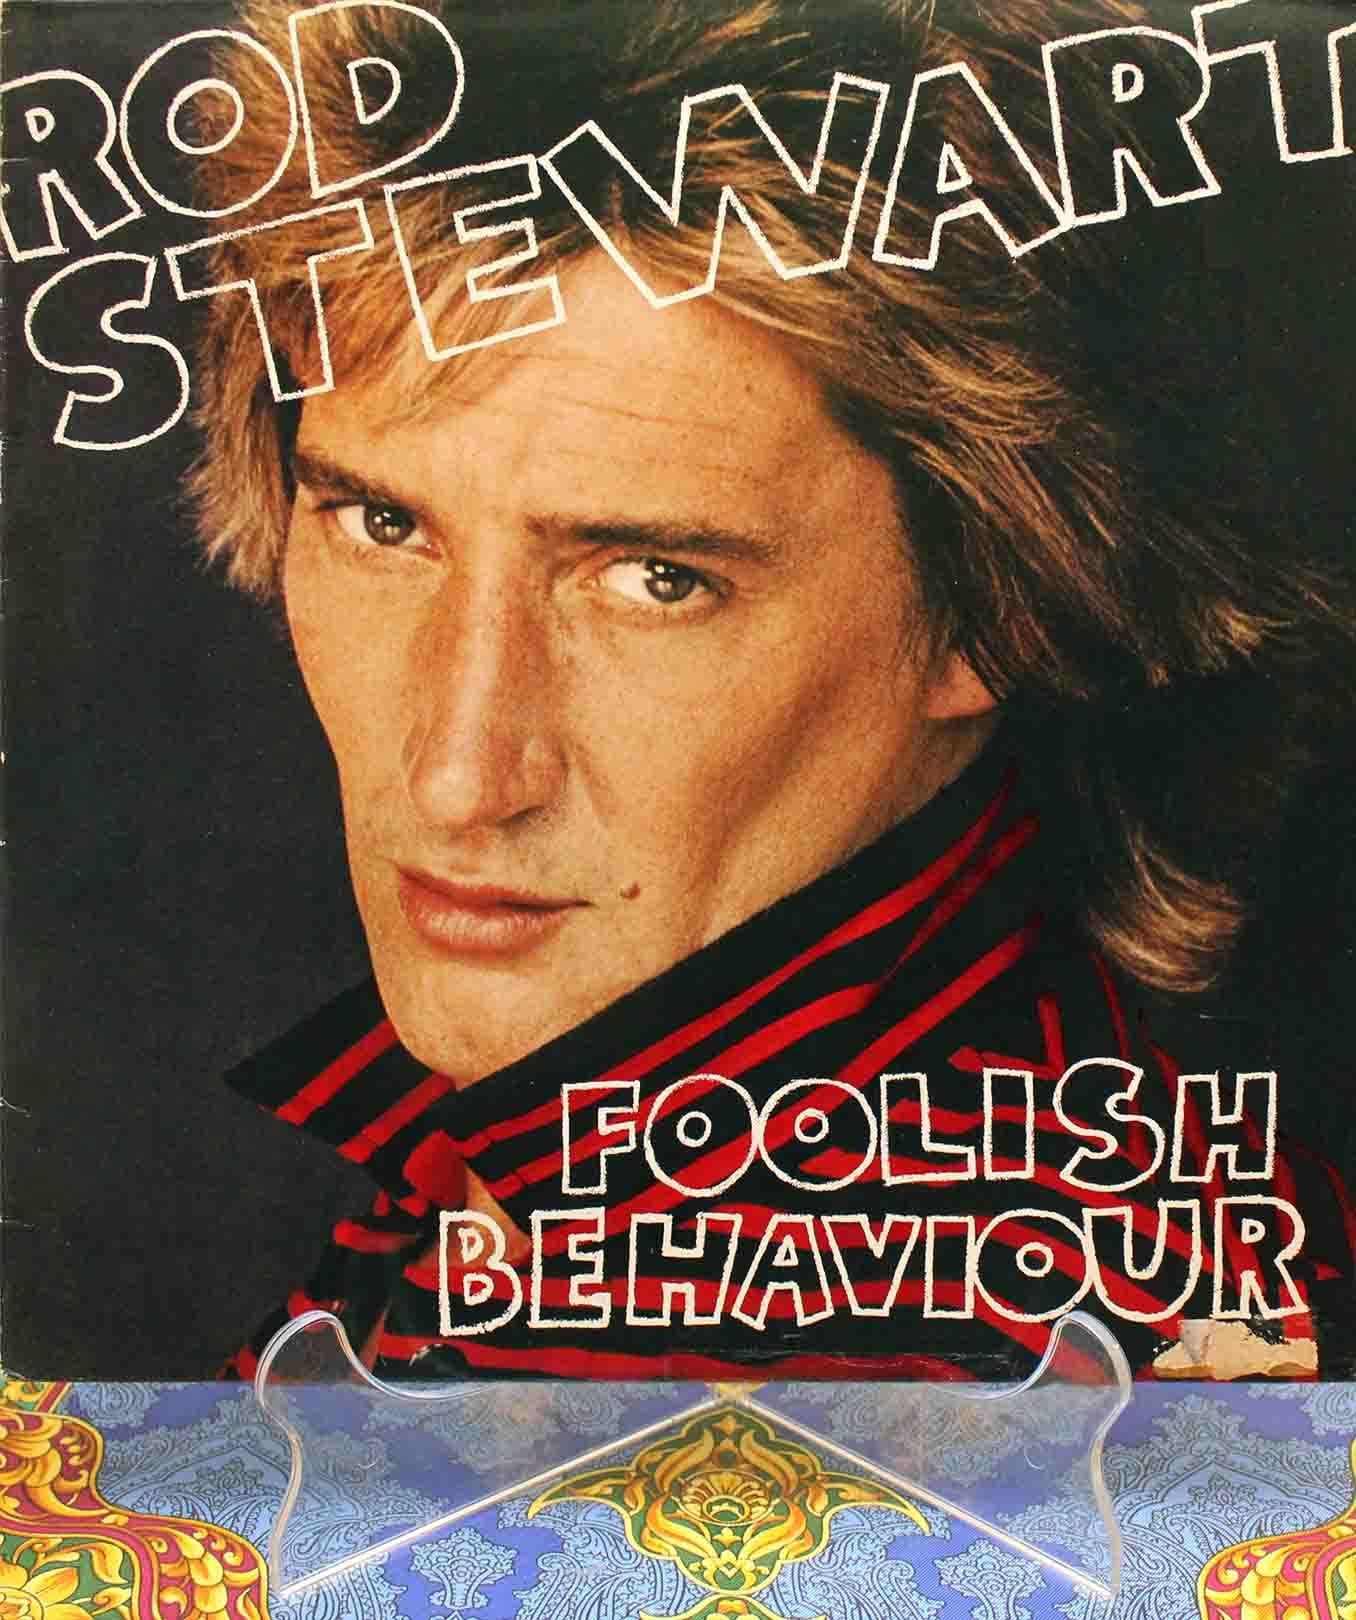 Rod Stewart – Foolish 01